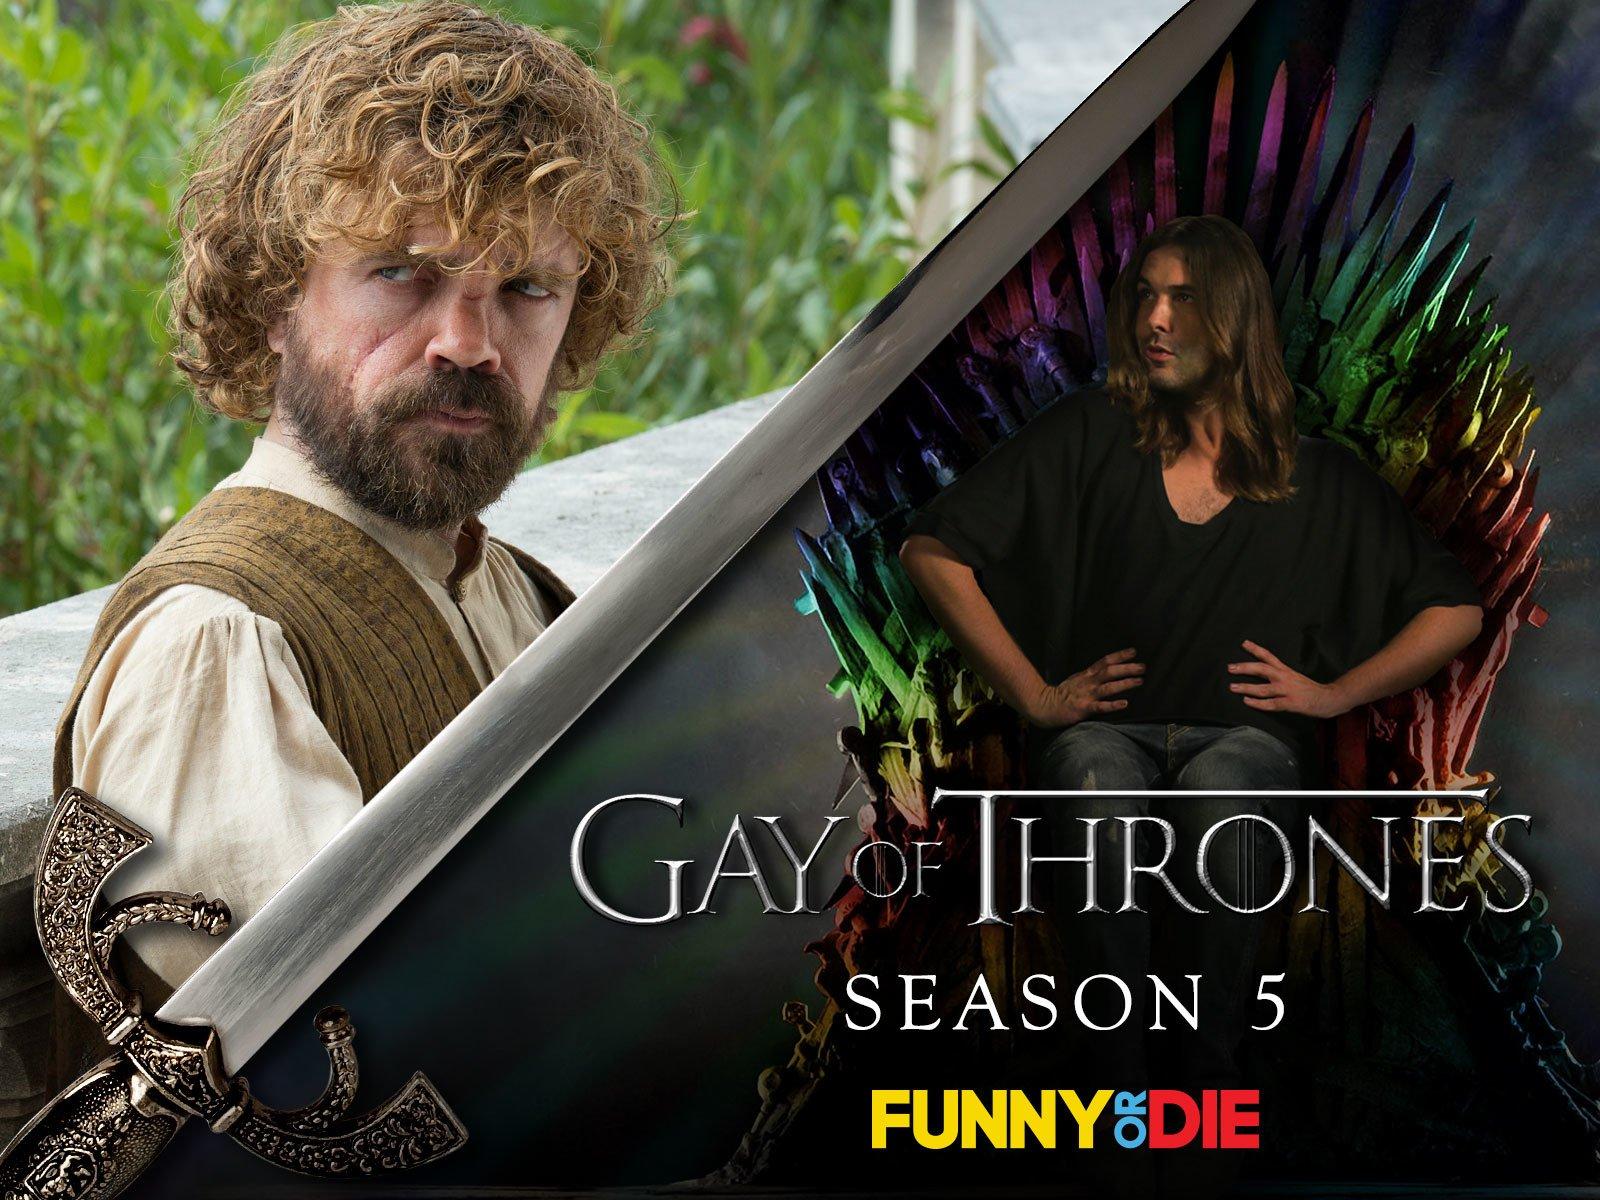 Gay Of Thrones - Season 5